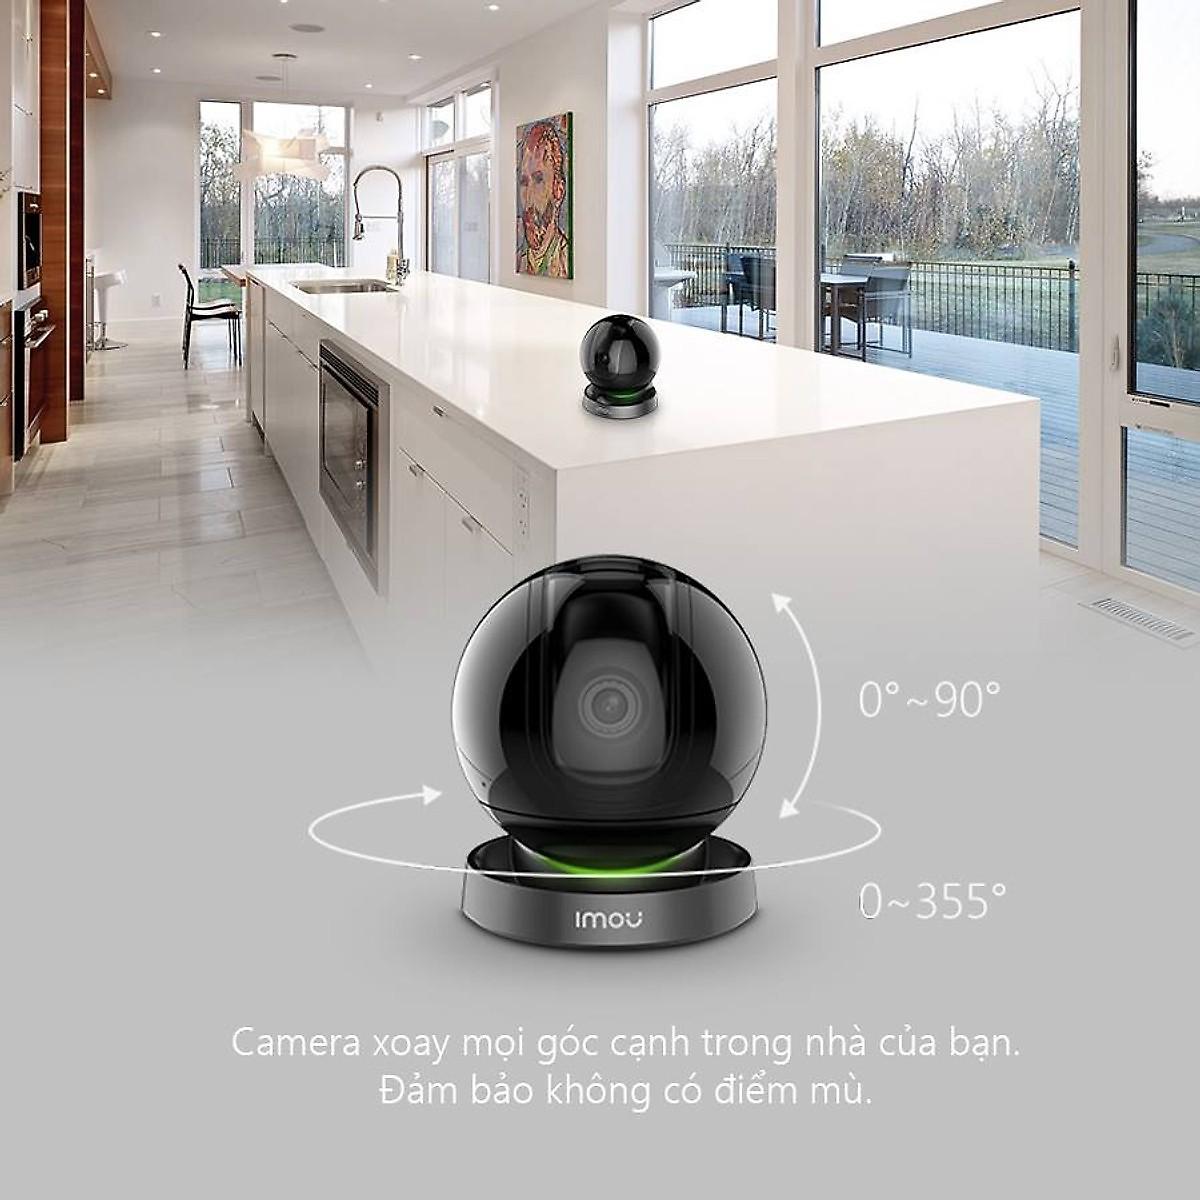 Bộ sản phẩm Camera IP Dahua Ranger Pro Ipc-A26hp Imou 2.0mpx và Thẻ Nhớ Hikvision 32Gb - Hàng Chính Hãng